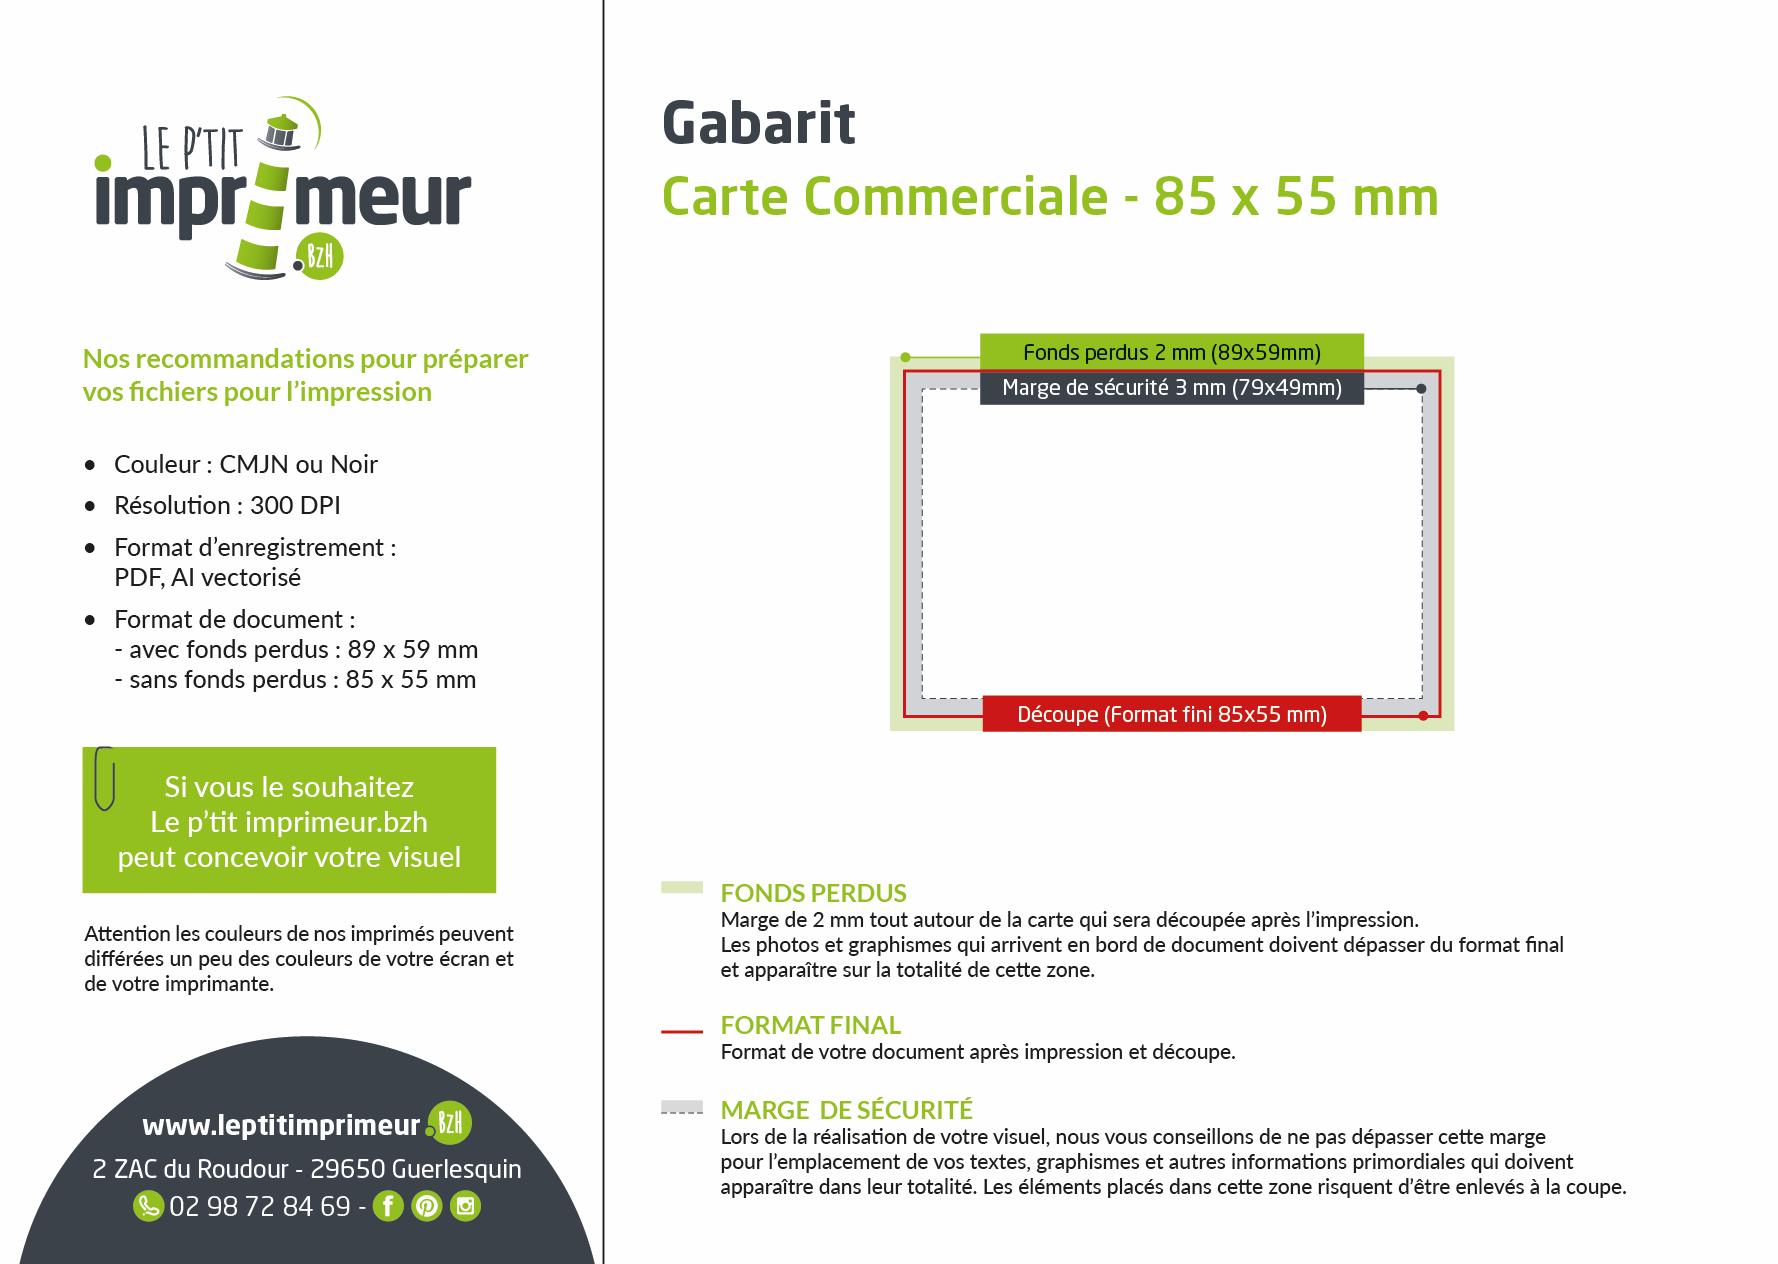 Gabarit carte commerciale 85 x 55 mm